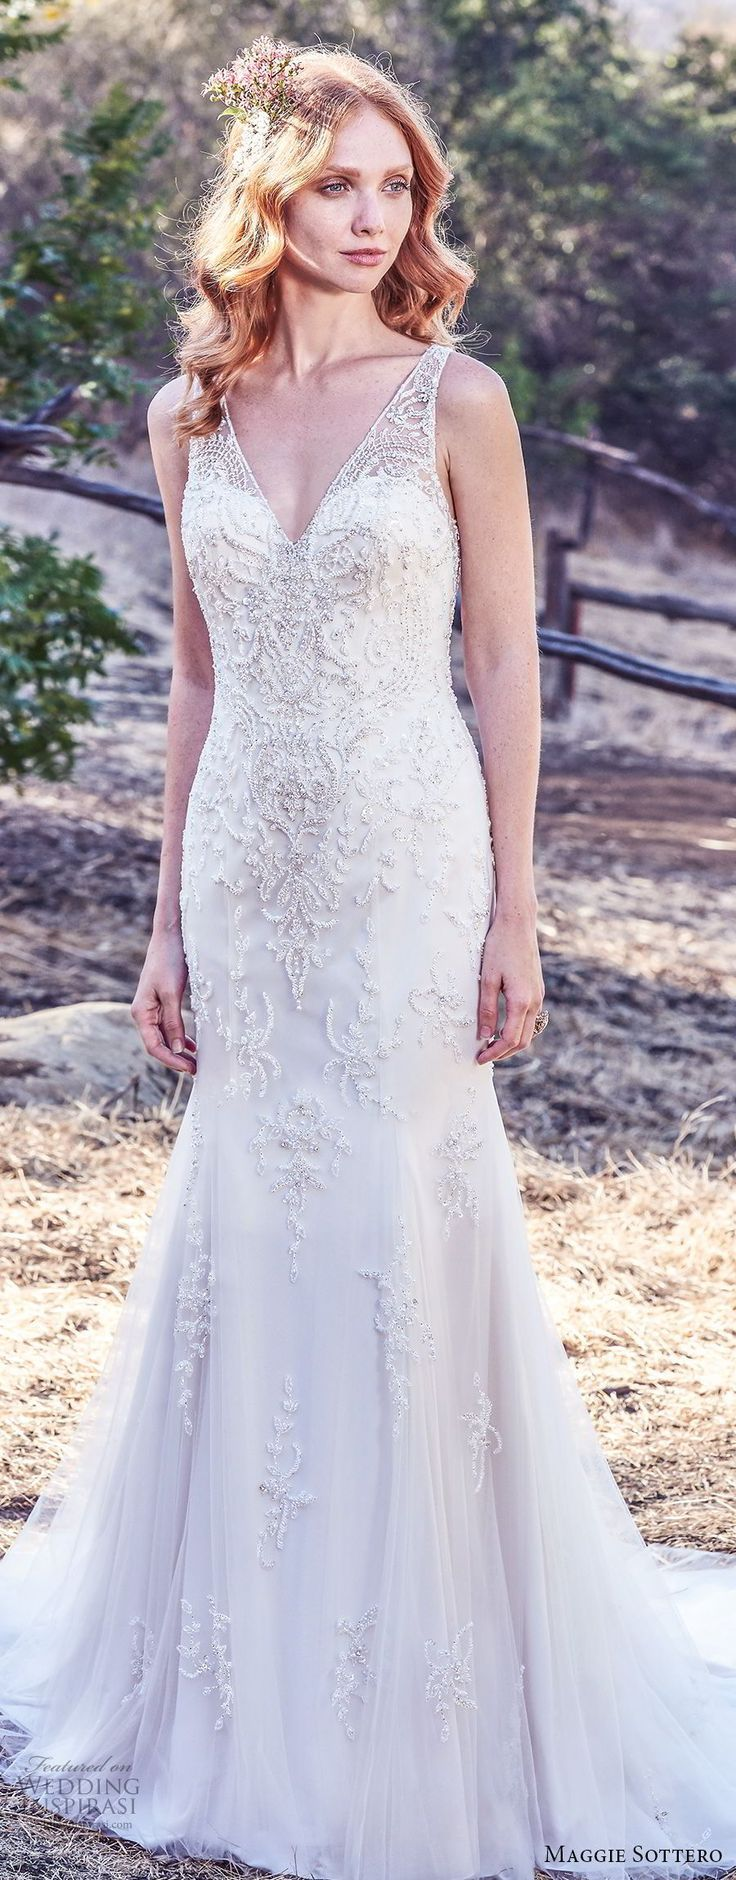 Maggie Sottero Herbst 2017 Braut ärmellos mit Trägern V-Ausschnitt Highly Shear …  – Hochzeitskleider